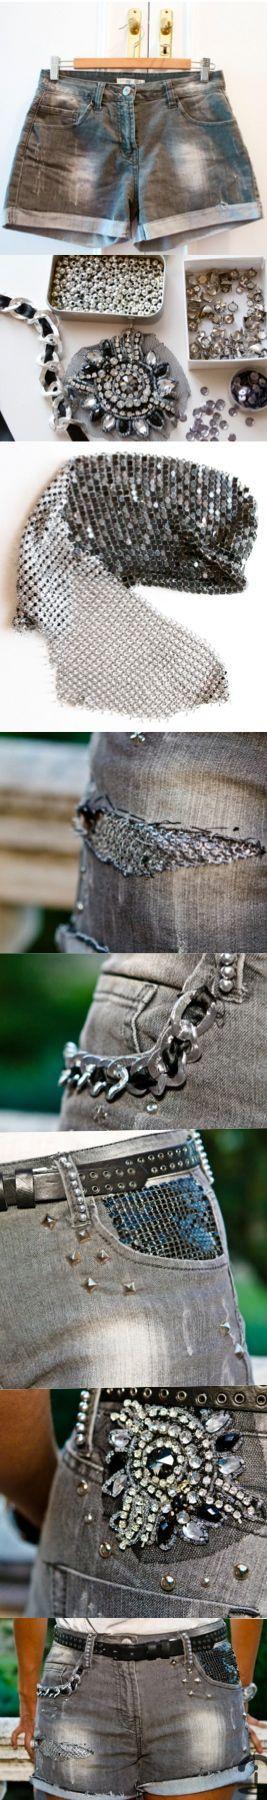 DIY: Customized shorts